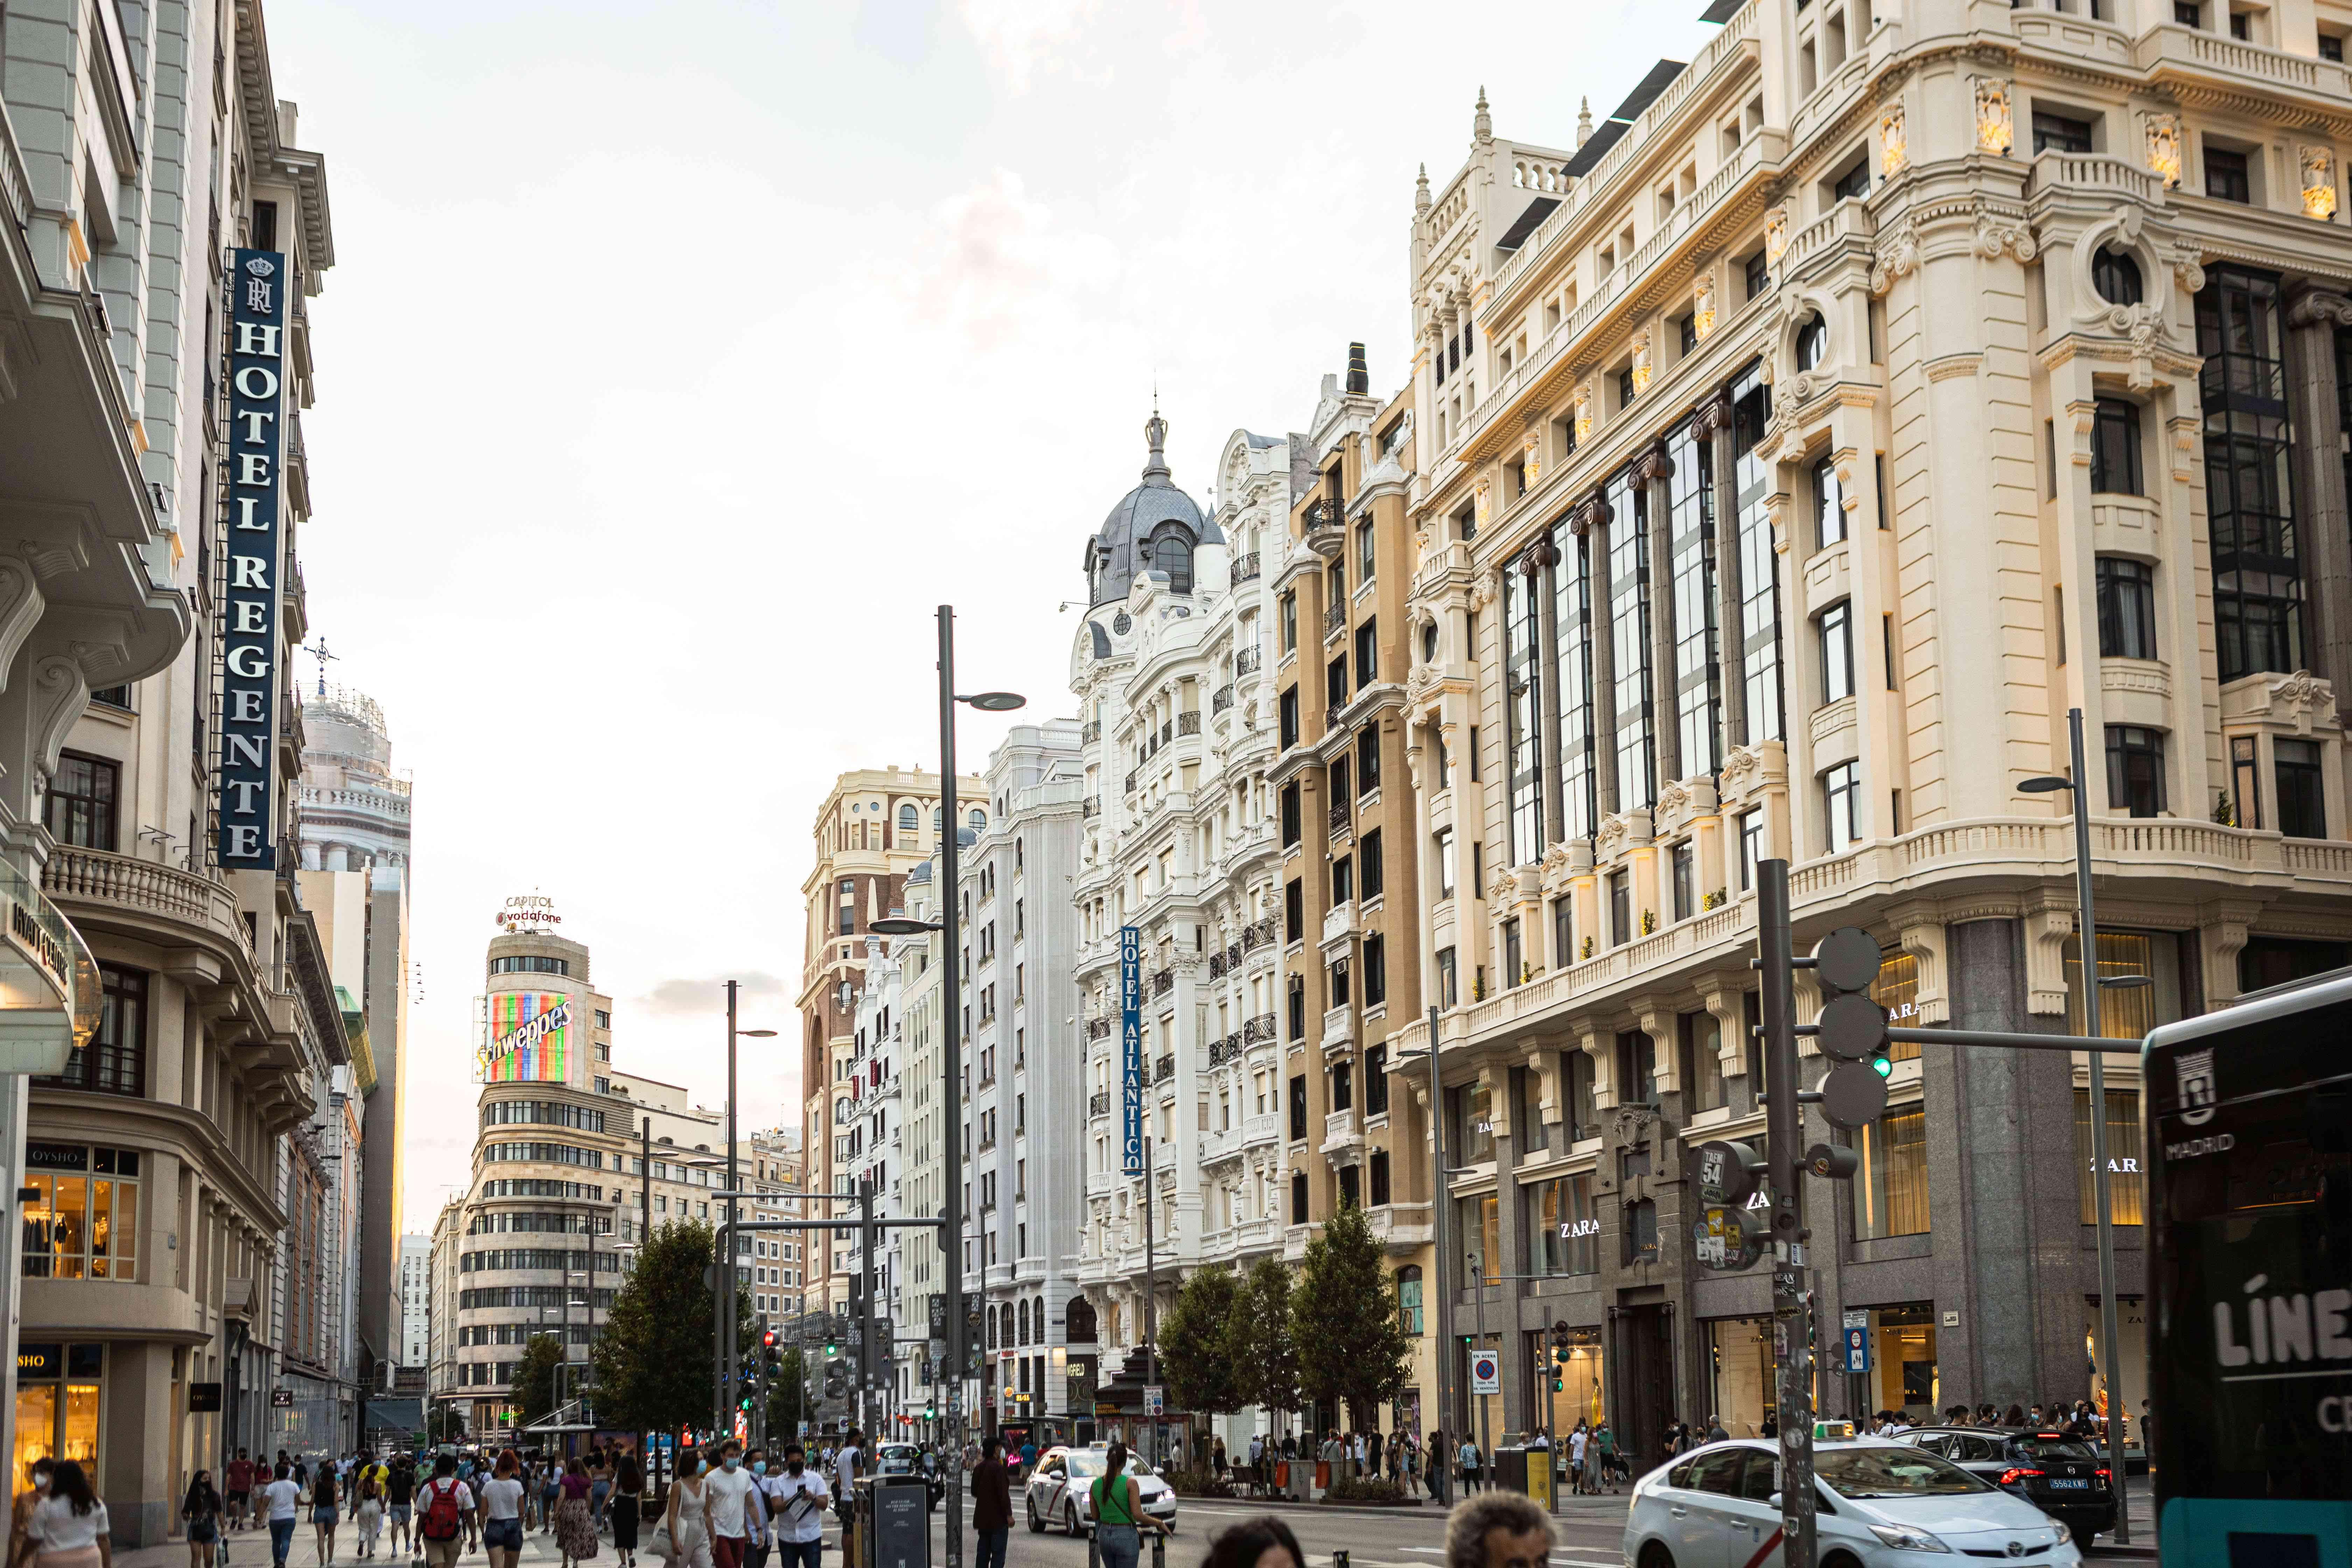 Gran Vía street in Madrid, Spain